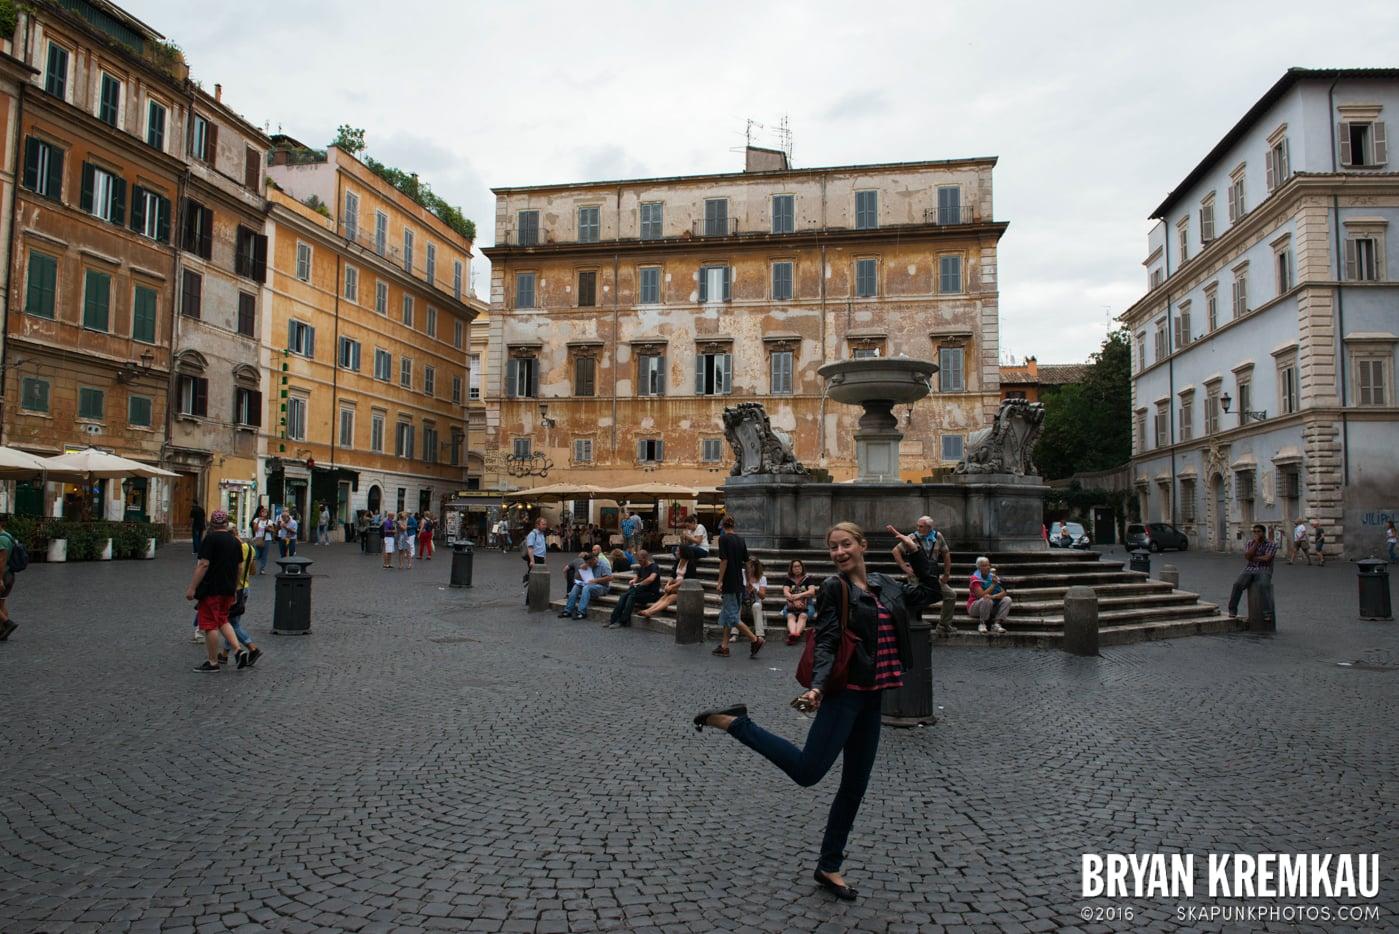 Italy Vacation - Day 2: Rome - 9.10.13 (31)